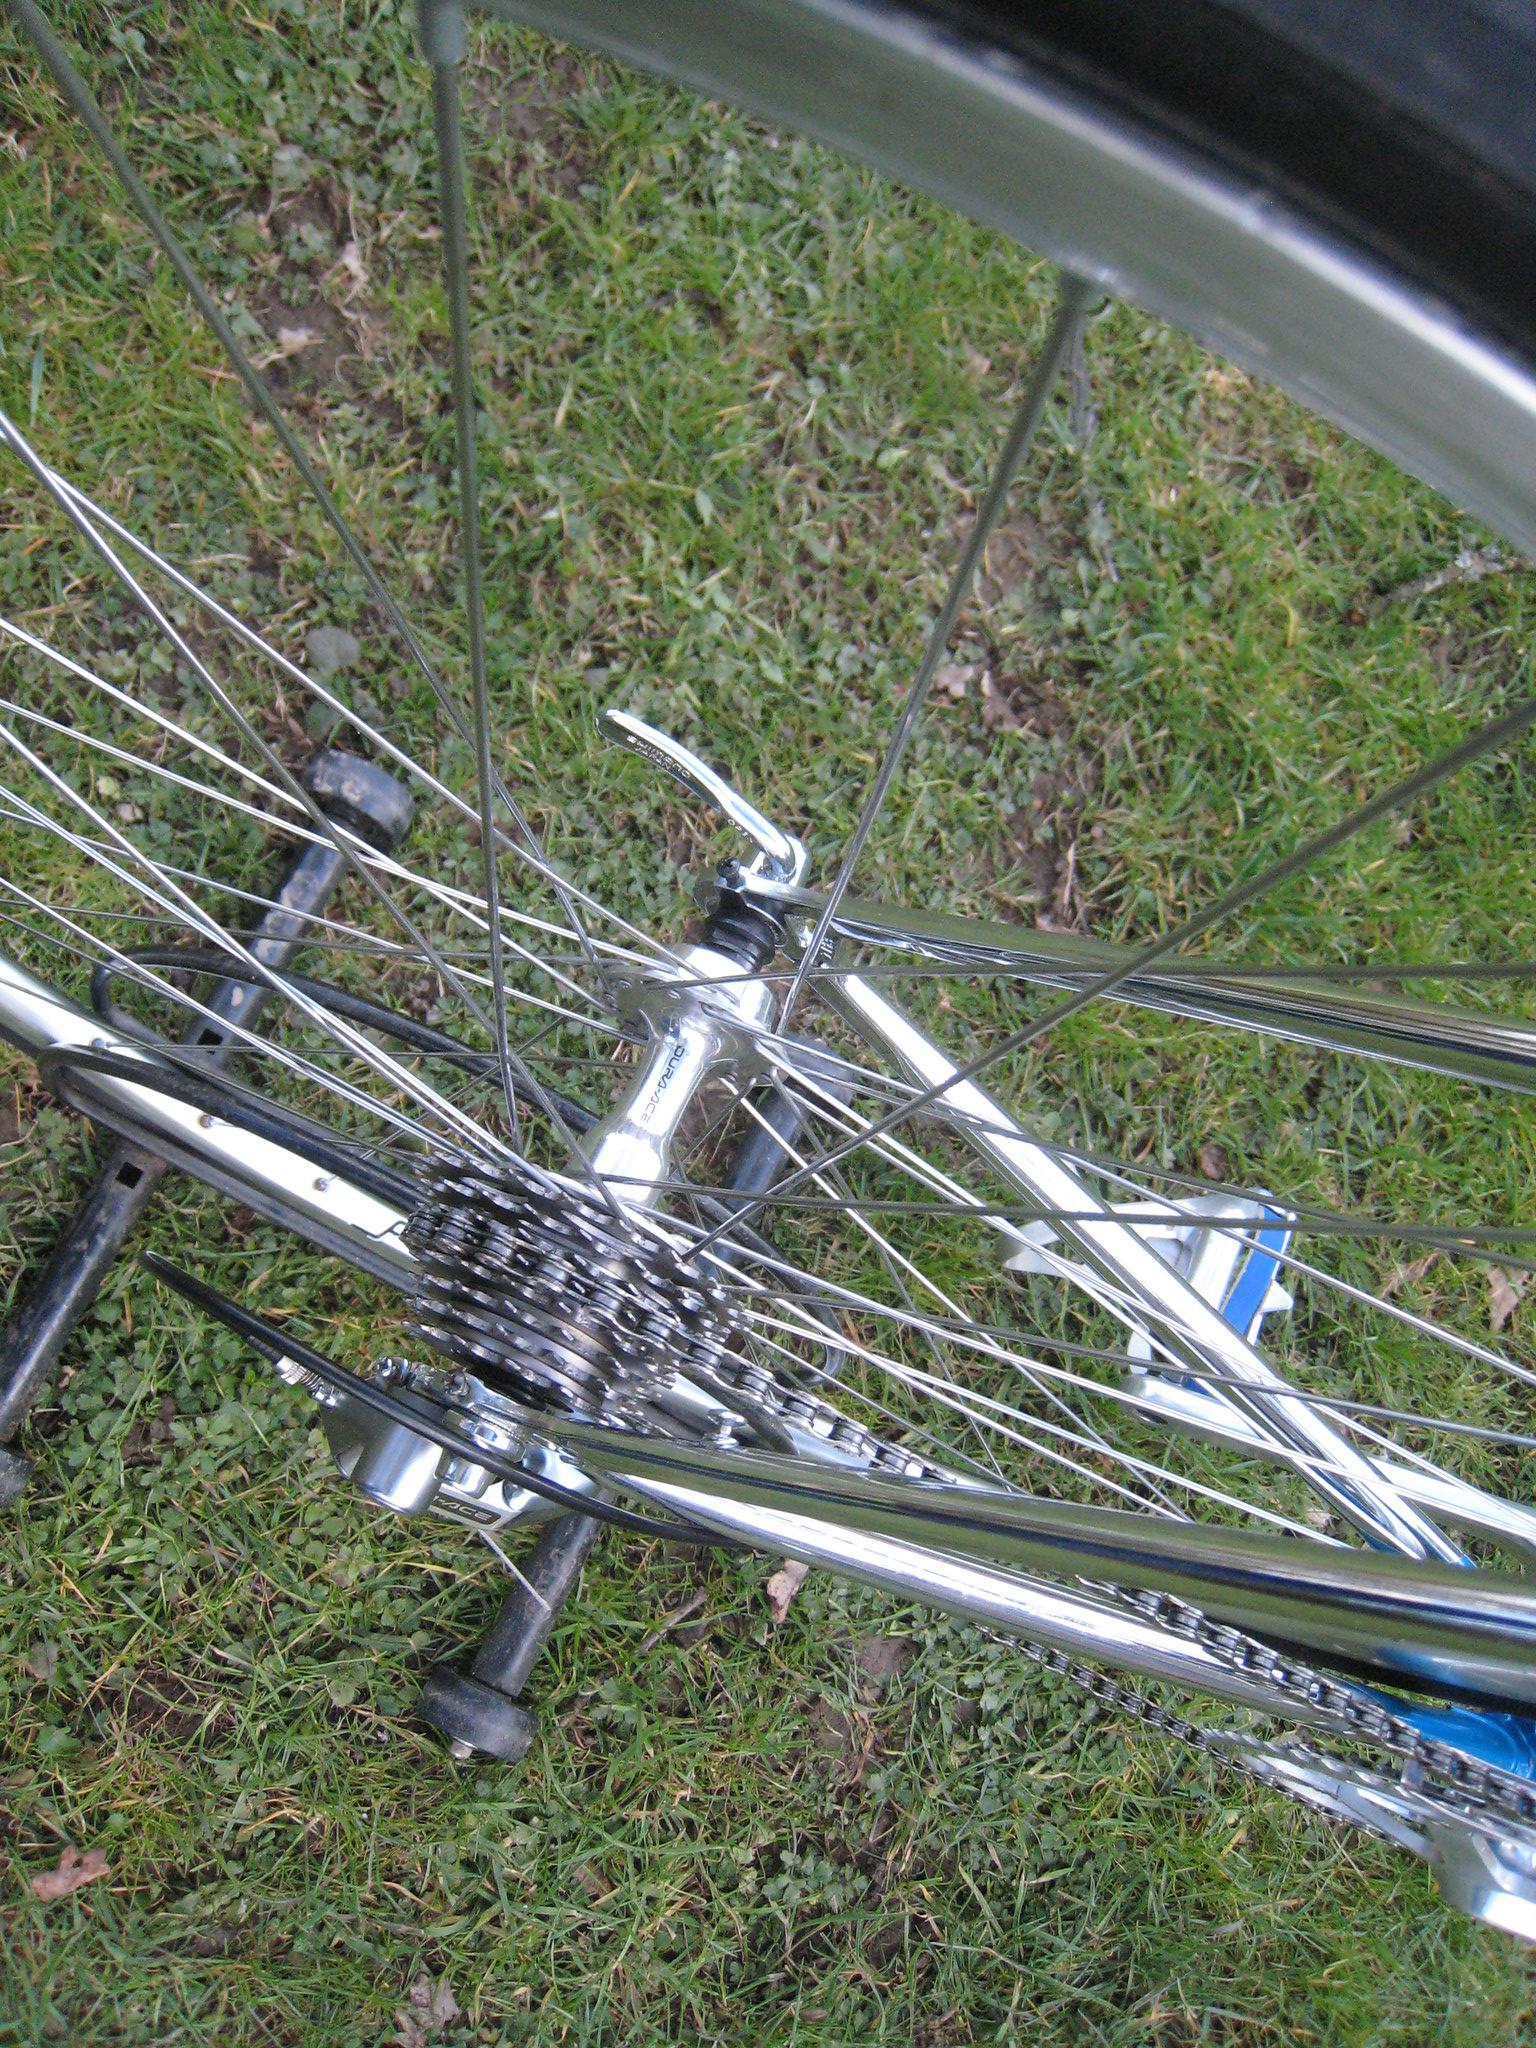 Cinelli Super Corsa. Une semaine un vélo. 40765372792_42a2d59809_k